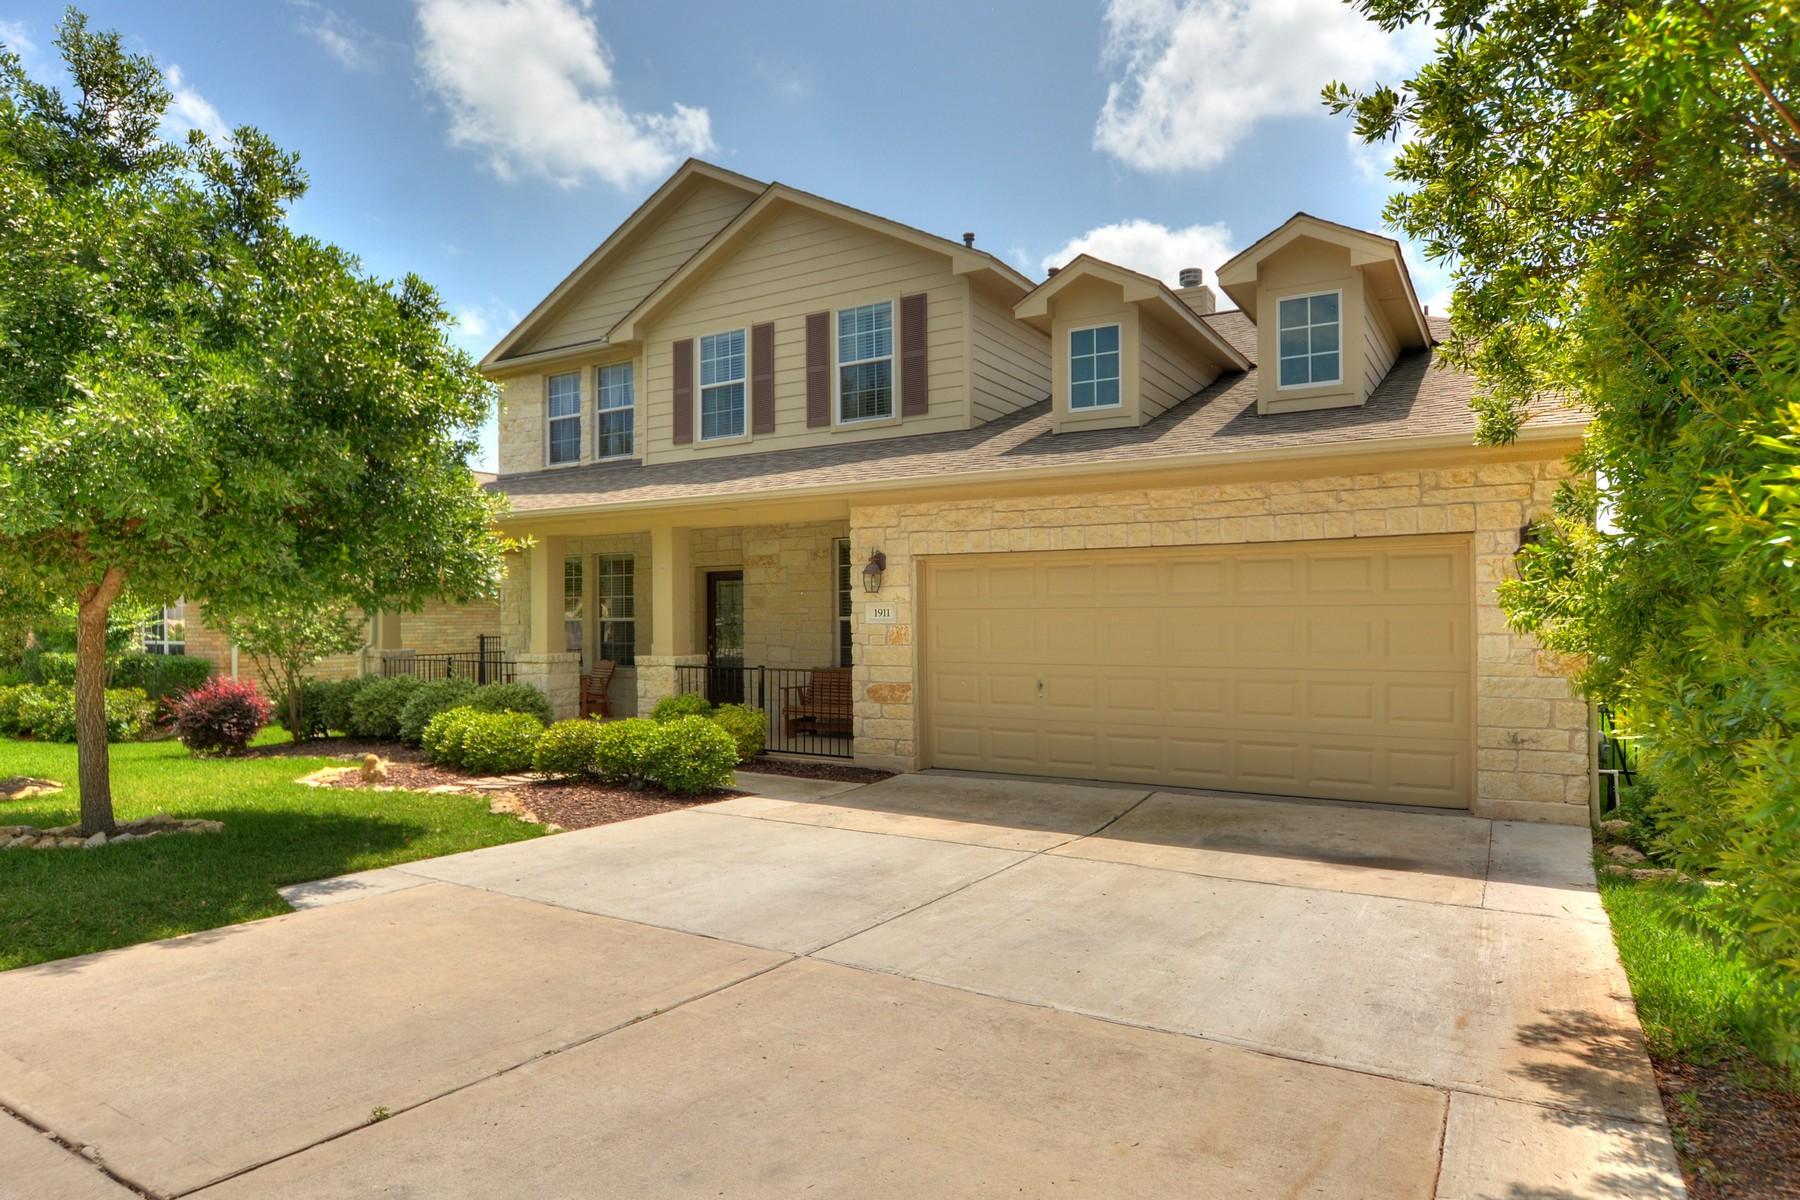 Vivienda unifamiliar por un Venta en Teravista Home with Beautiful Surroundings 1911 Windberry Path Round Rock, Texas 78665 Estados Unidos